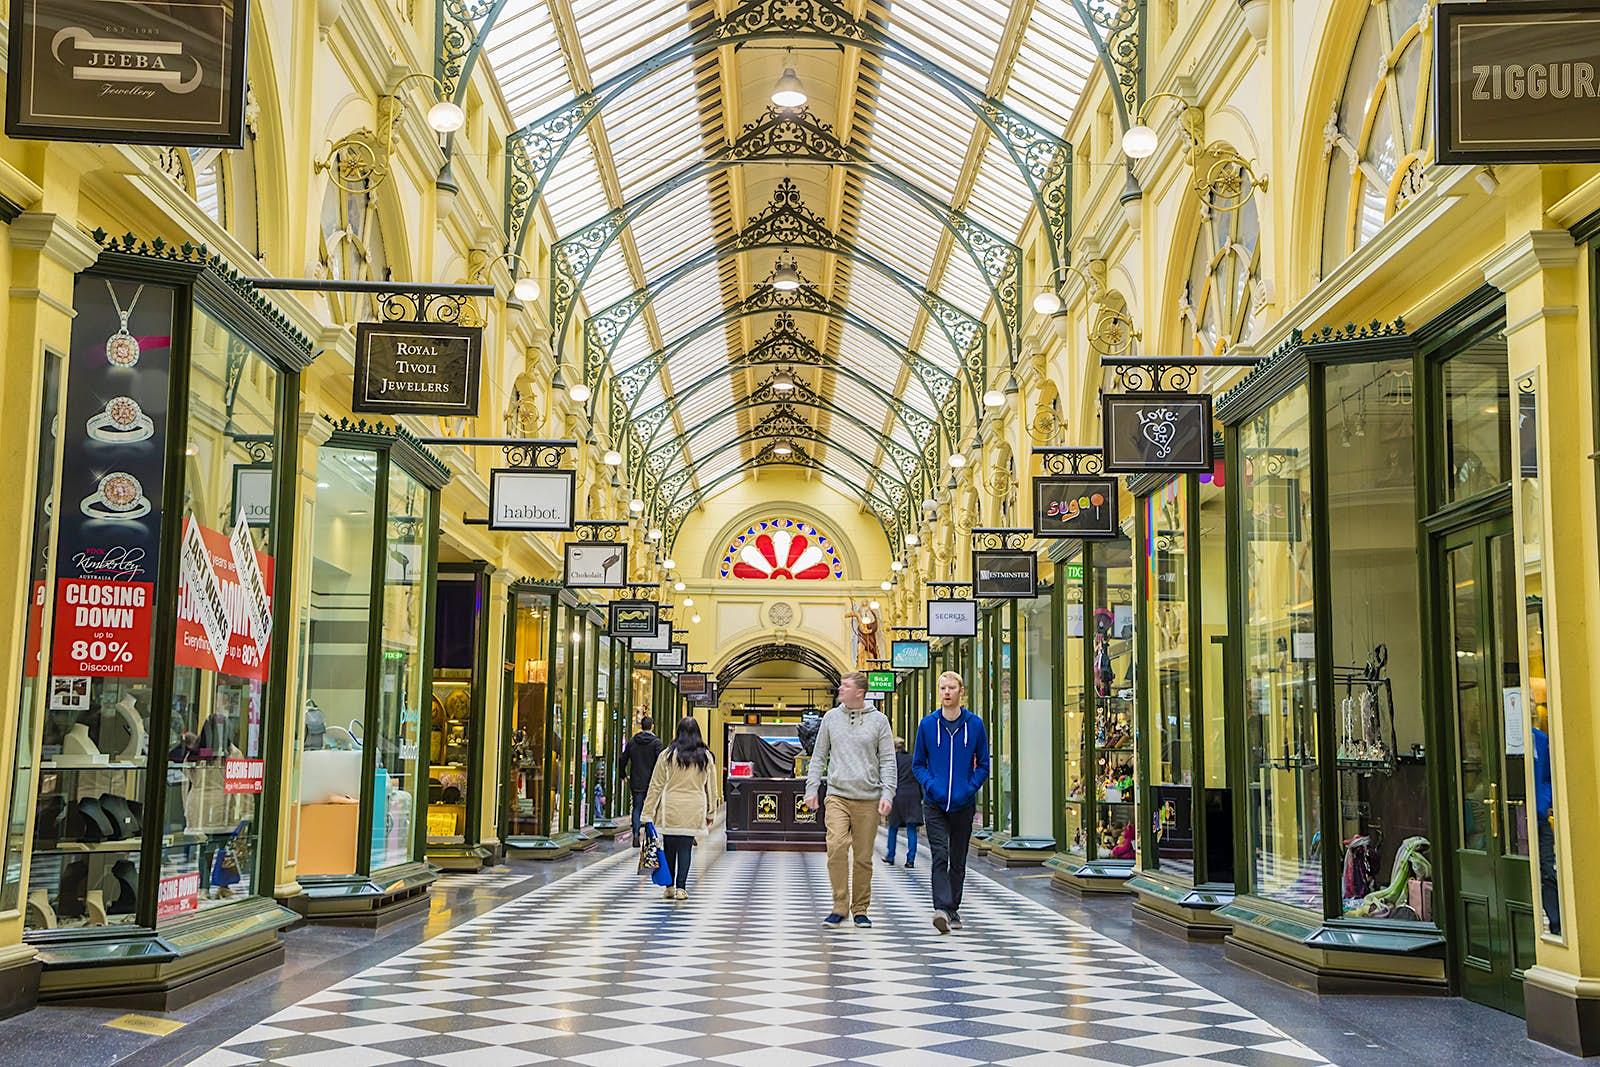 Les gens marchent dans un couloir recouvert de sols marqués. Le plafond est un puits de lumière en verre cintré et les murs sont de couleur or. Melbourne, Australie.